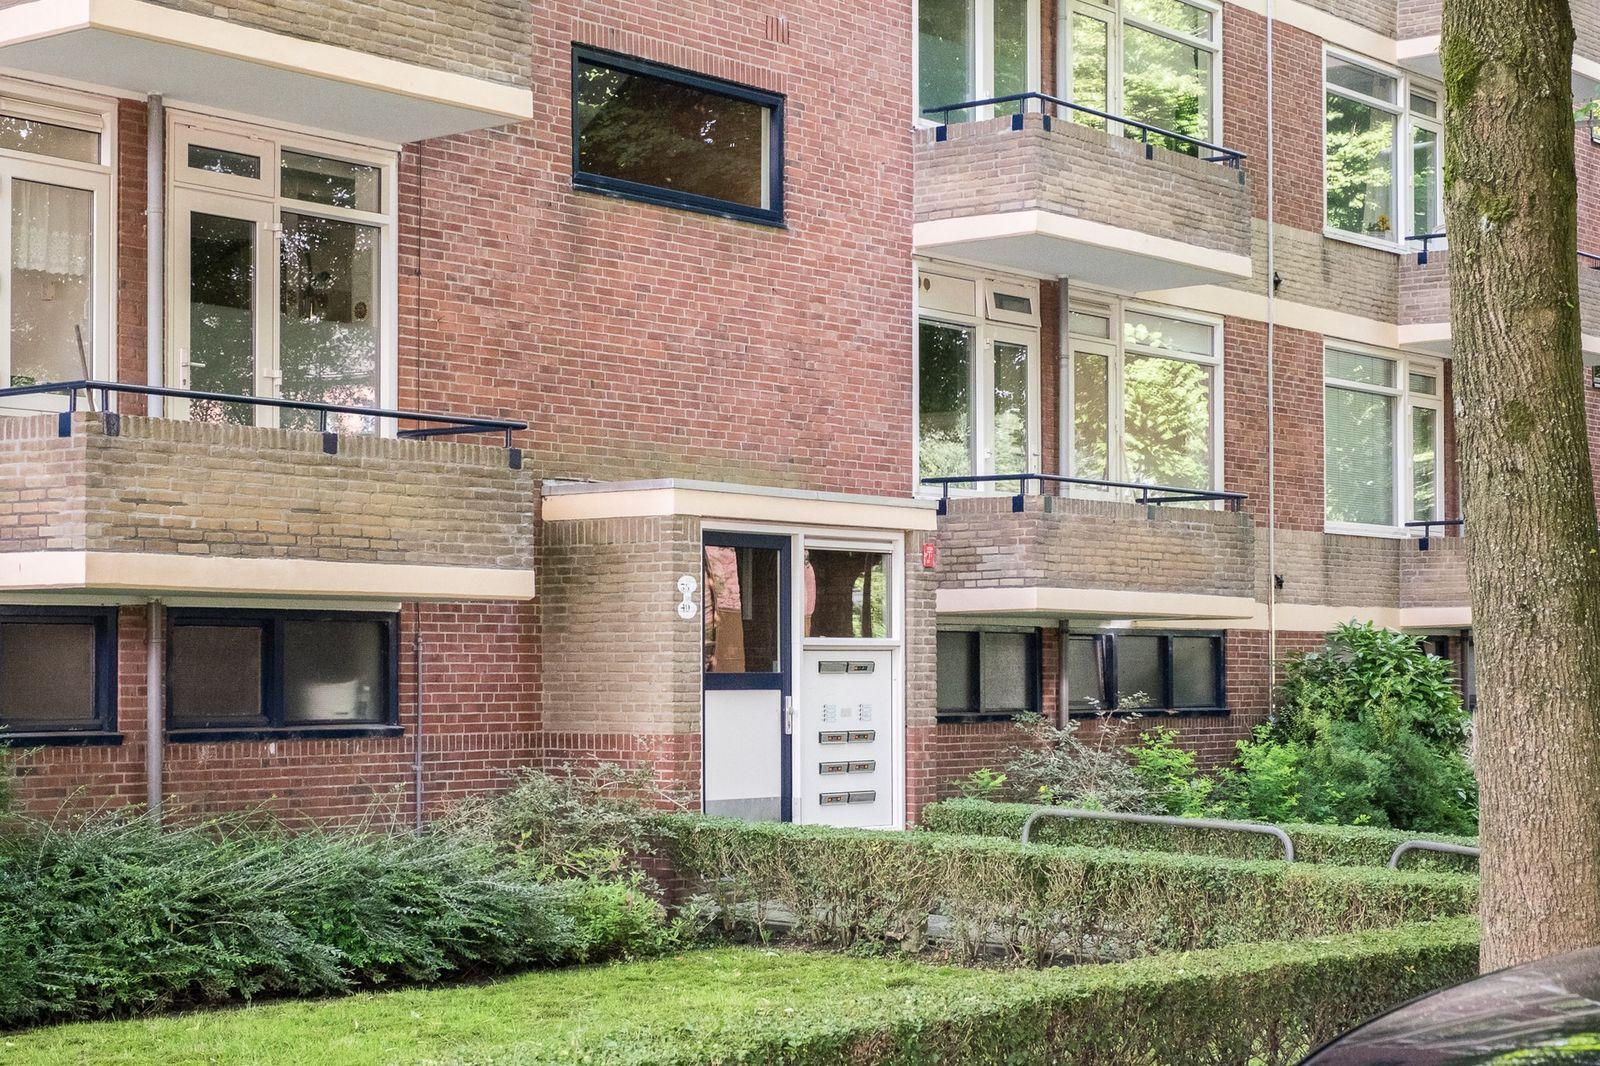 Resedastraat, Groningen